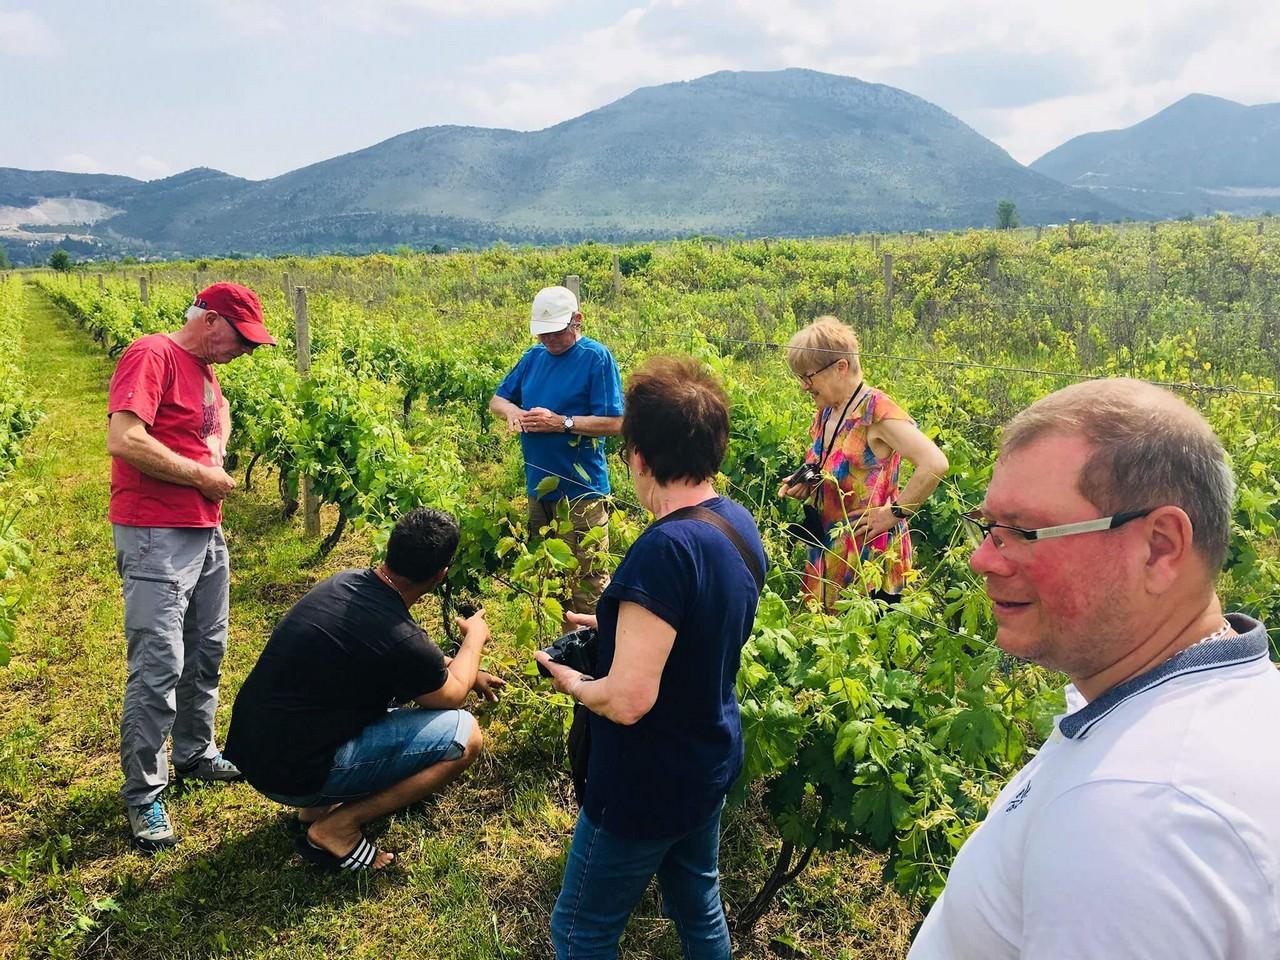 découverte des vignobles près de Stasevica en Dalmatie